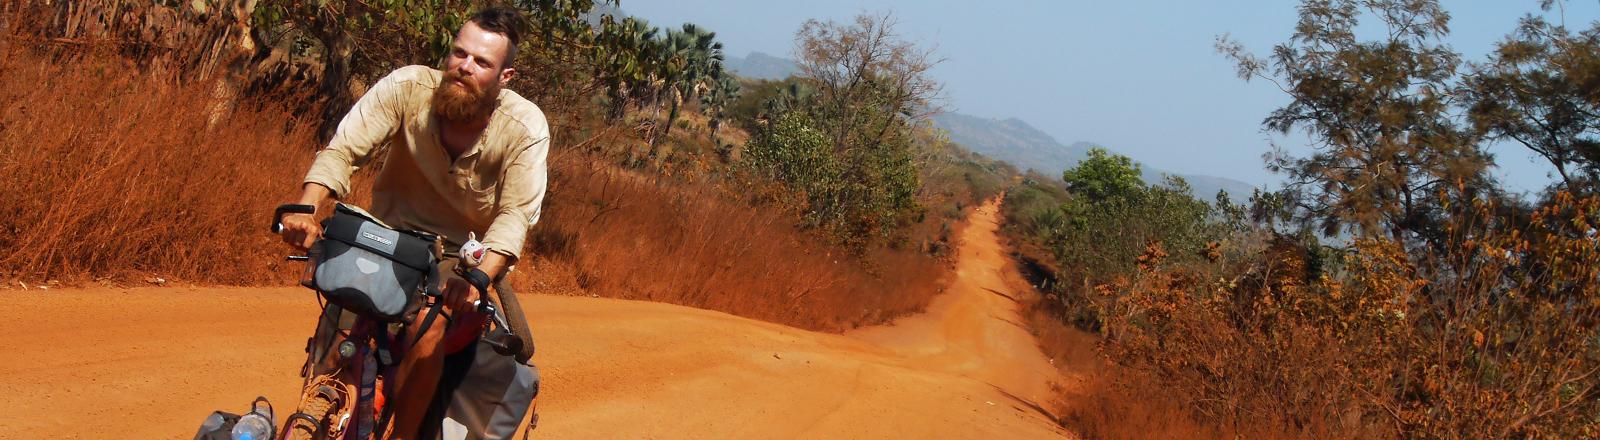 Markus Weber reist auf dem Fahrrad durch Afrika.